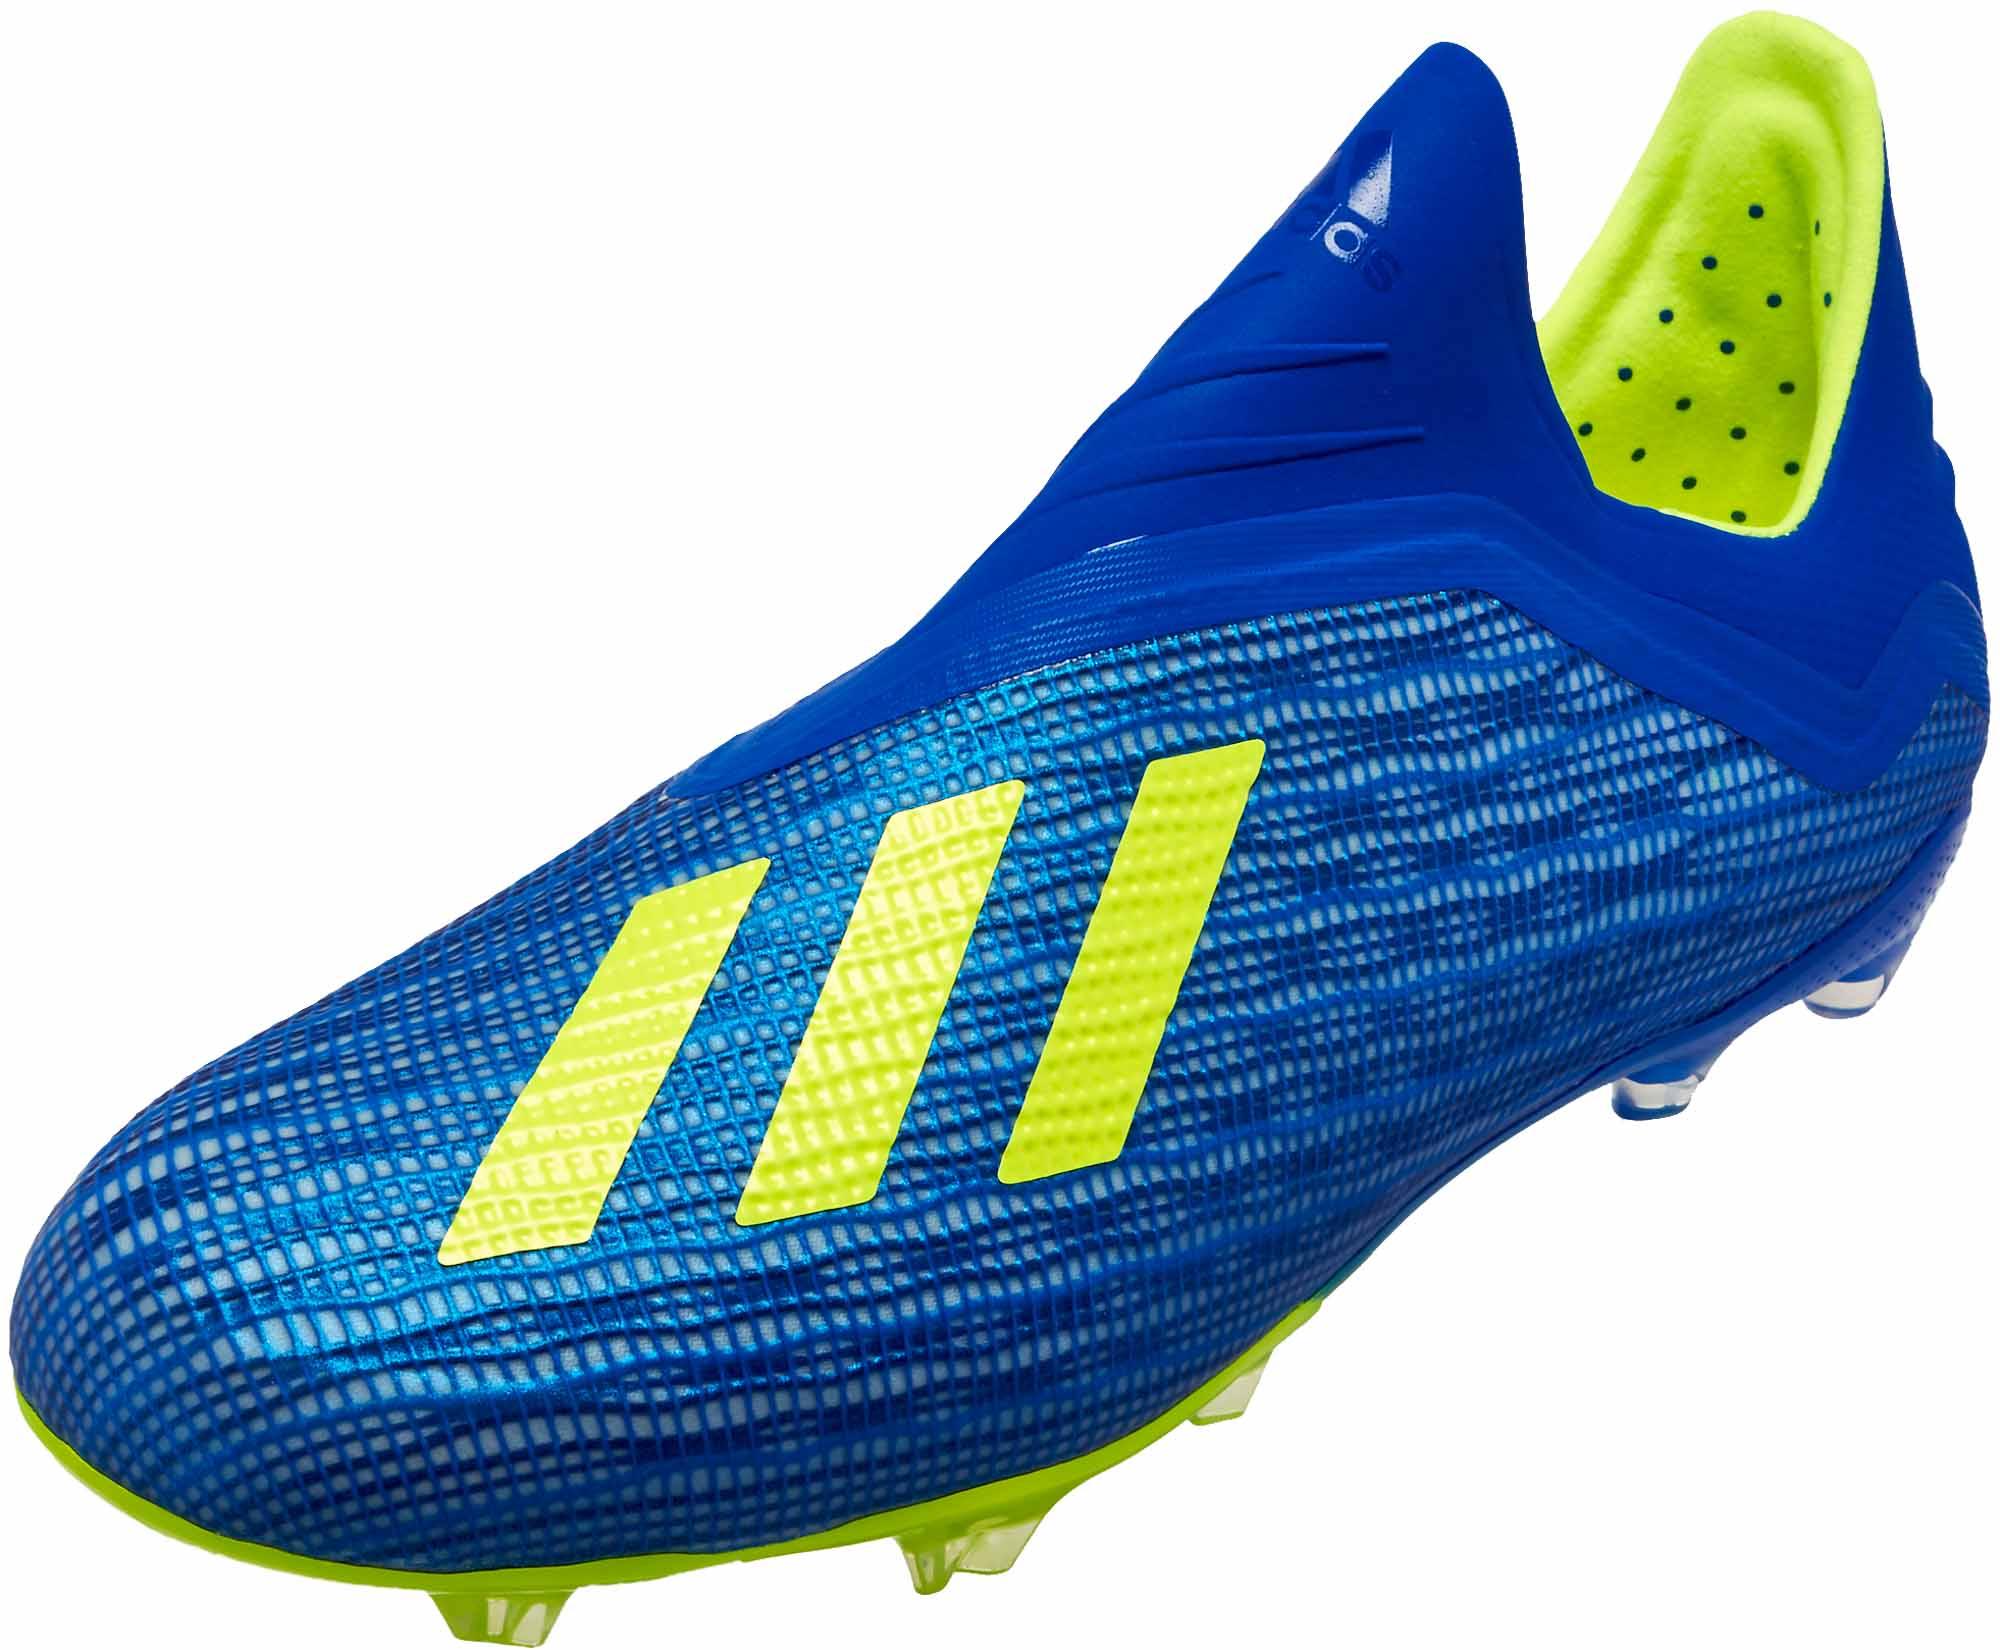 744fdb144fc6 adidas X 18 FG - Youth - Football Blue Solar Yellow Black - Soccer ...